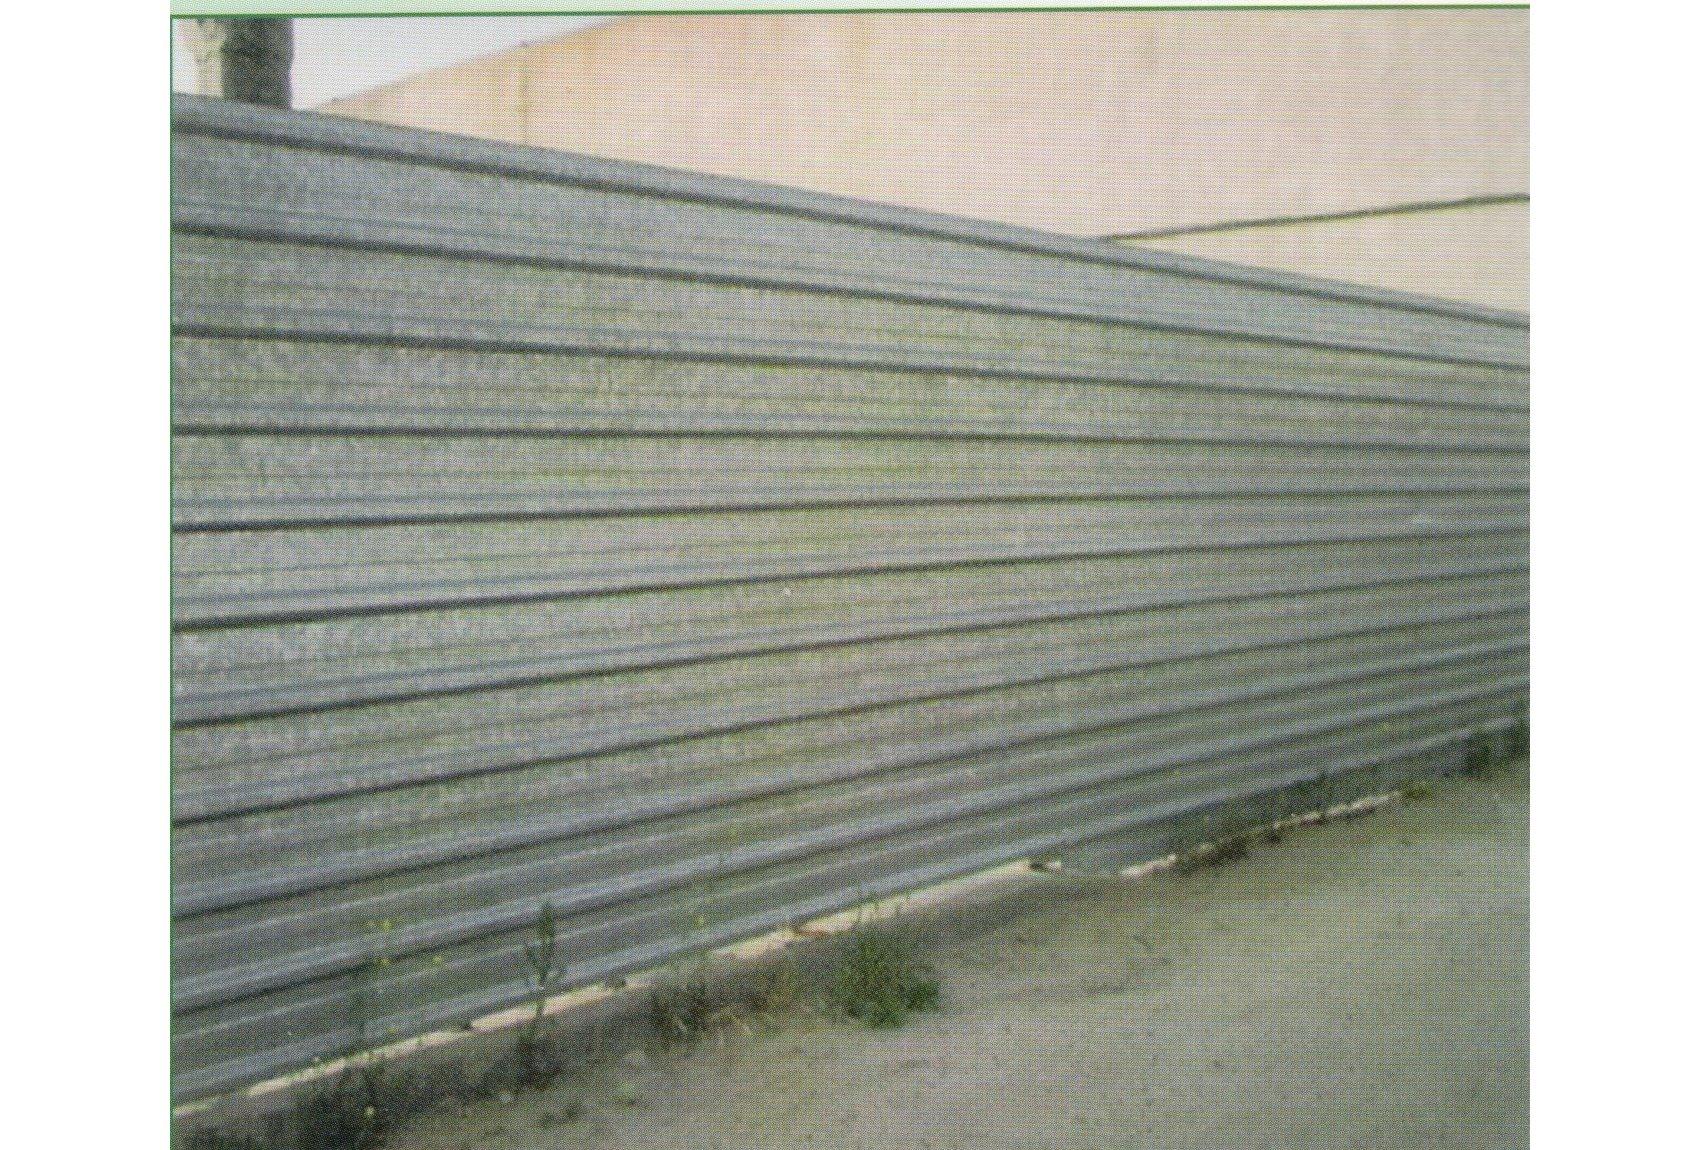 Vallas obra montaje de una de las vallas metalicas vallas - Vallas de obra ...